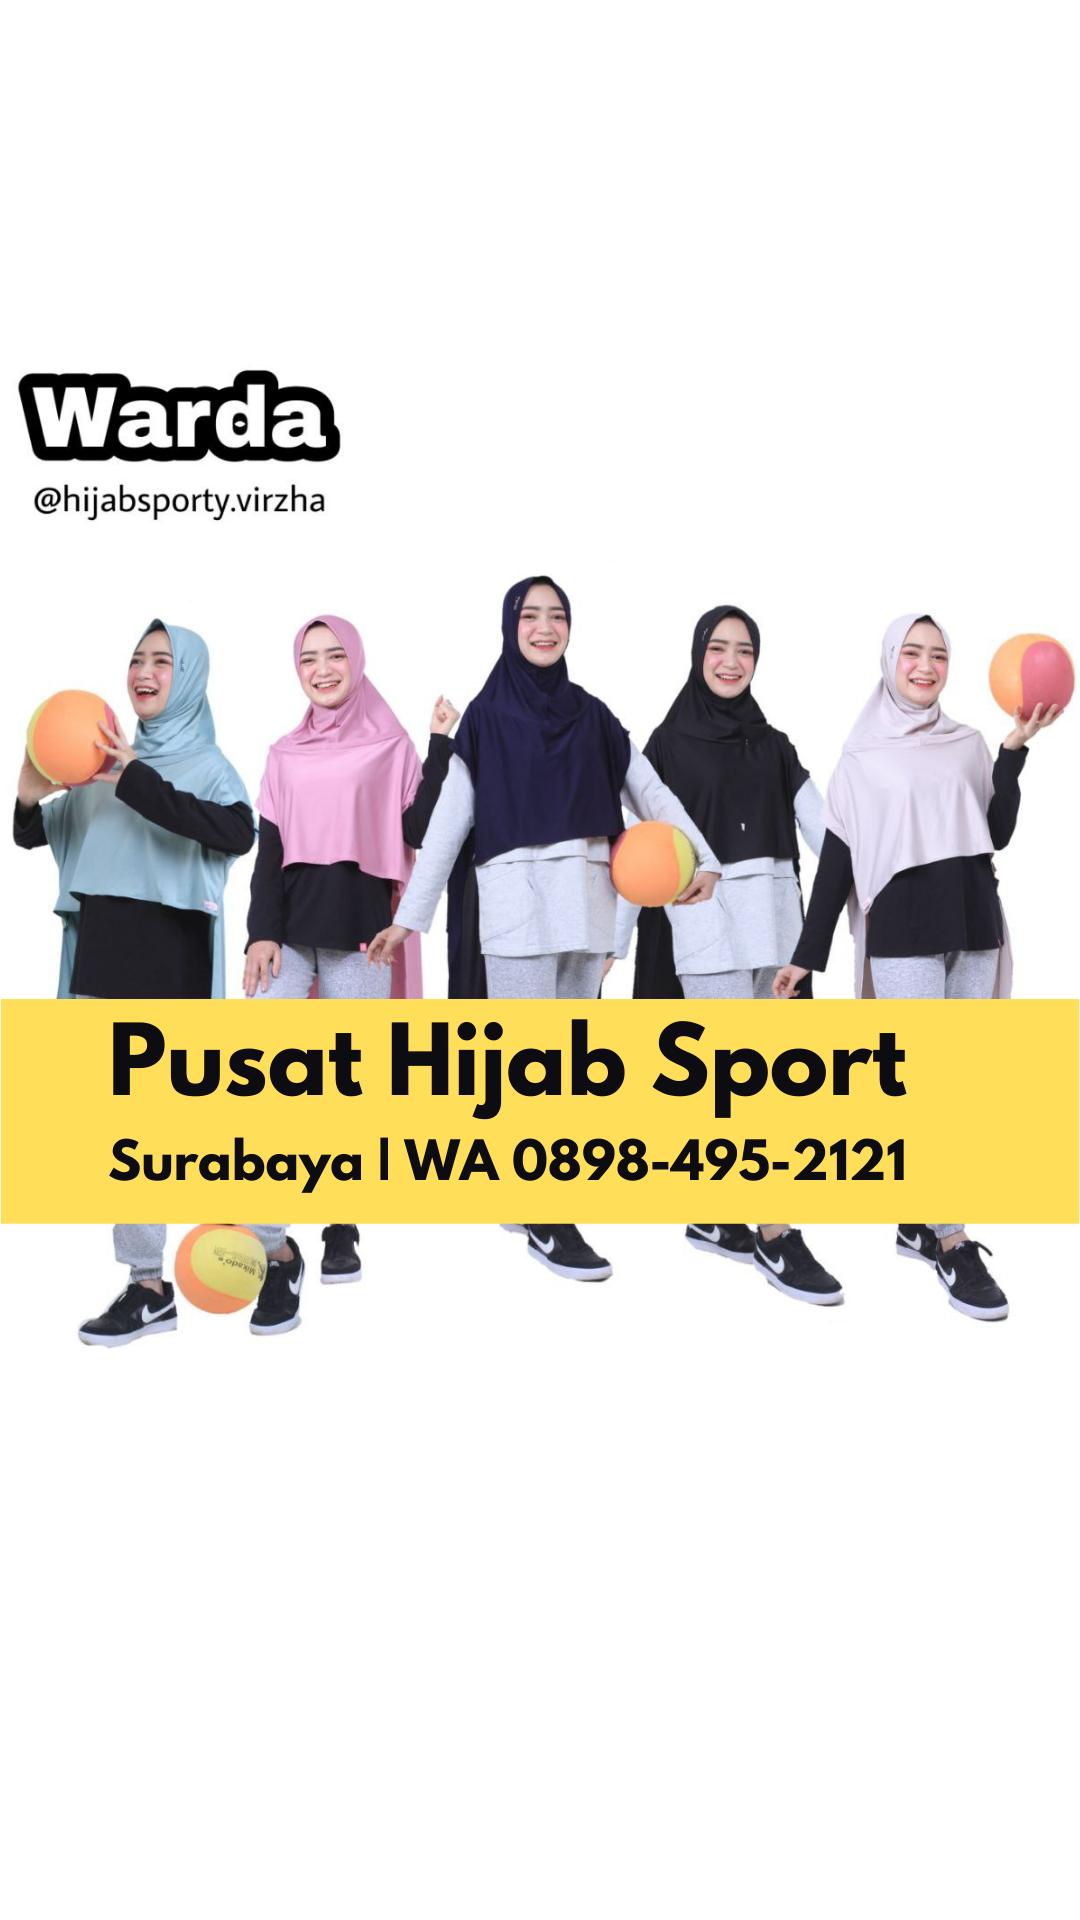 Pin On Jual Hijab Sport Di Surabaya